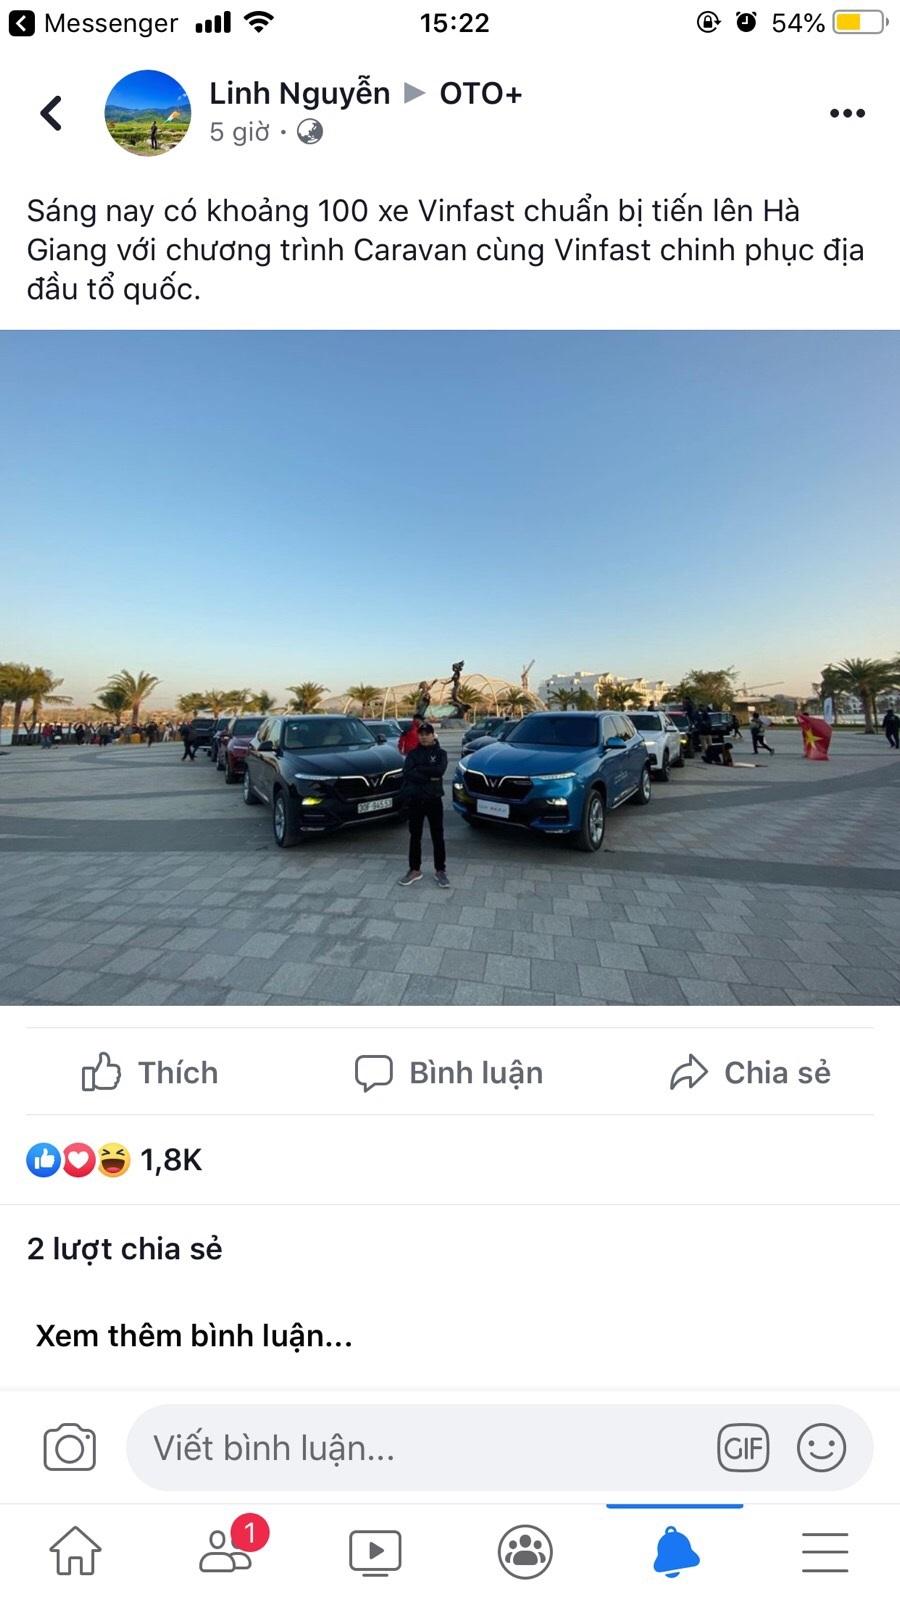 Cư dân mạng phát sốt với chuyến offline lớn nhất của cộng đồng yêu xe thương hiệu Việt - Ảnh 2